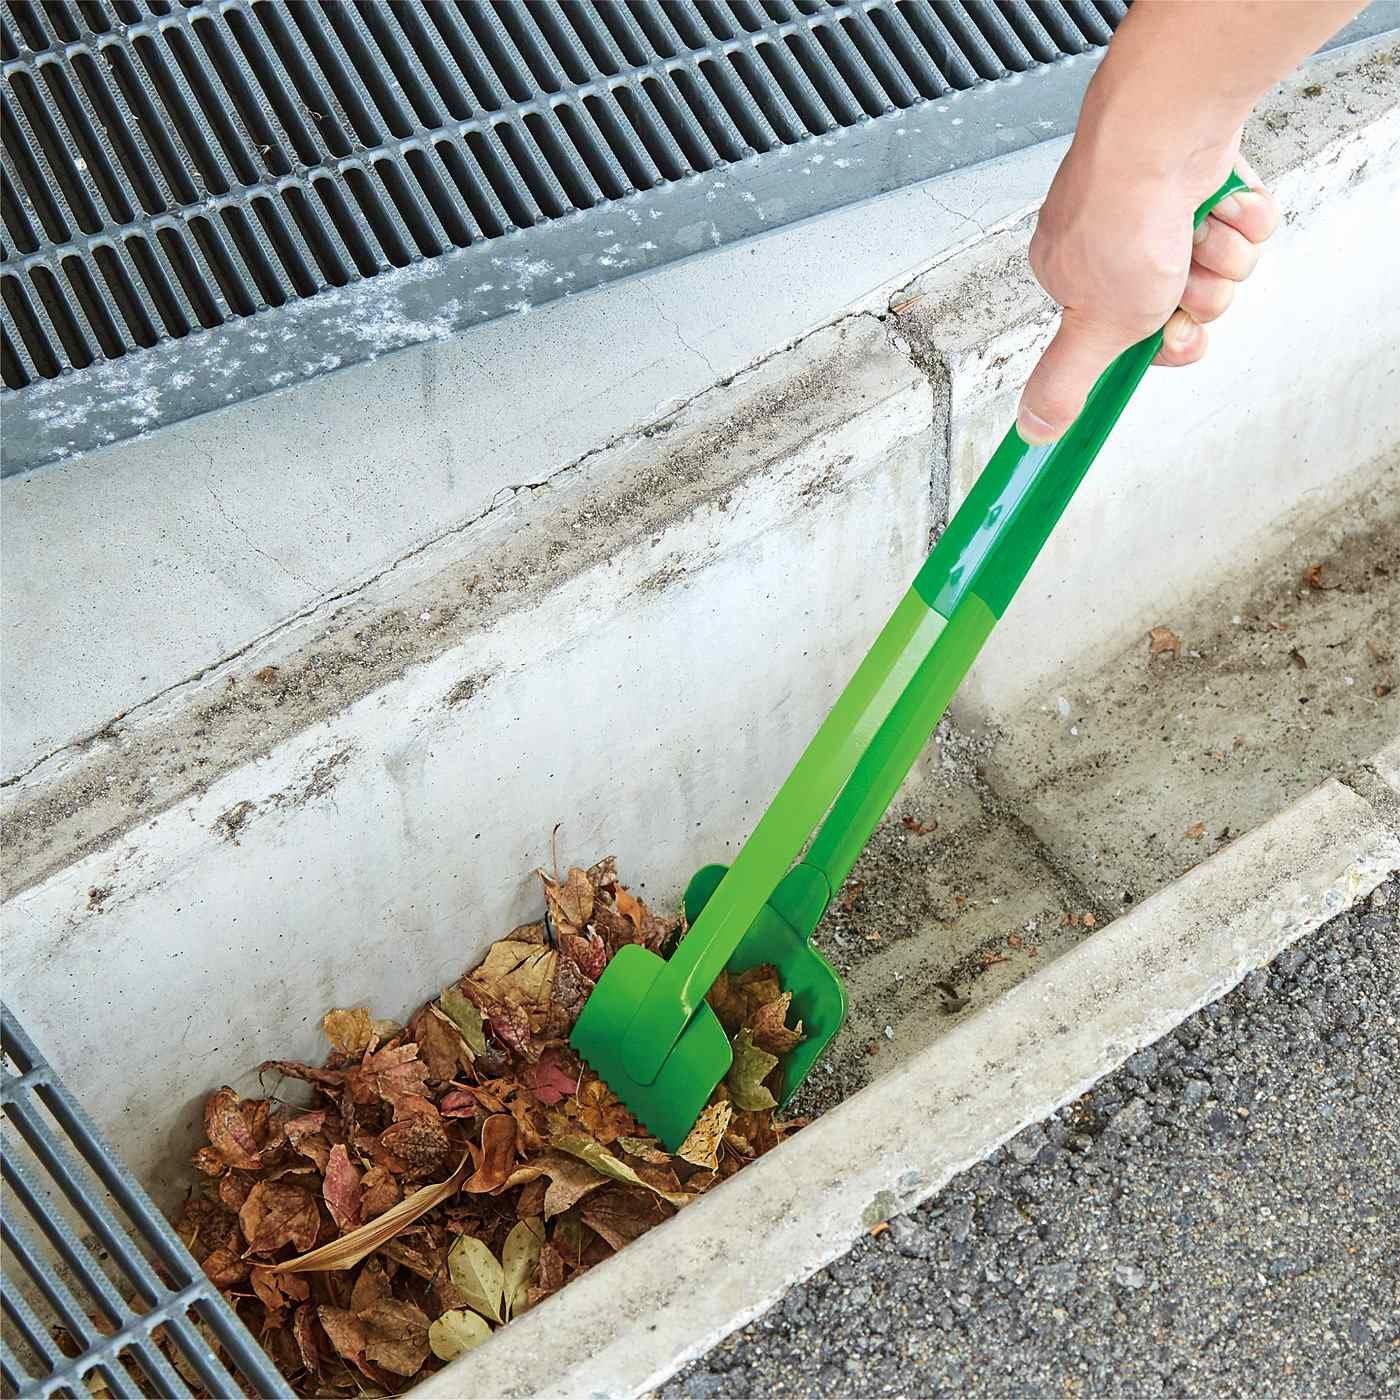 溝にたまったゴミや土をごっそり スコップとはさみがひとつになったスコピック